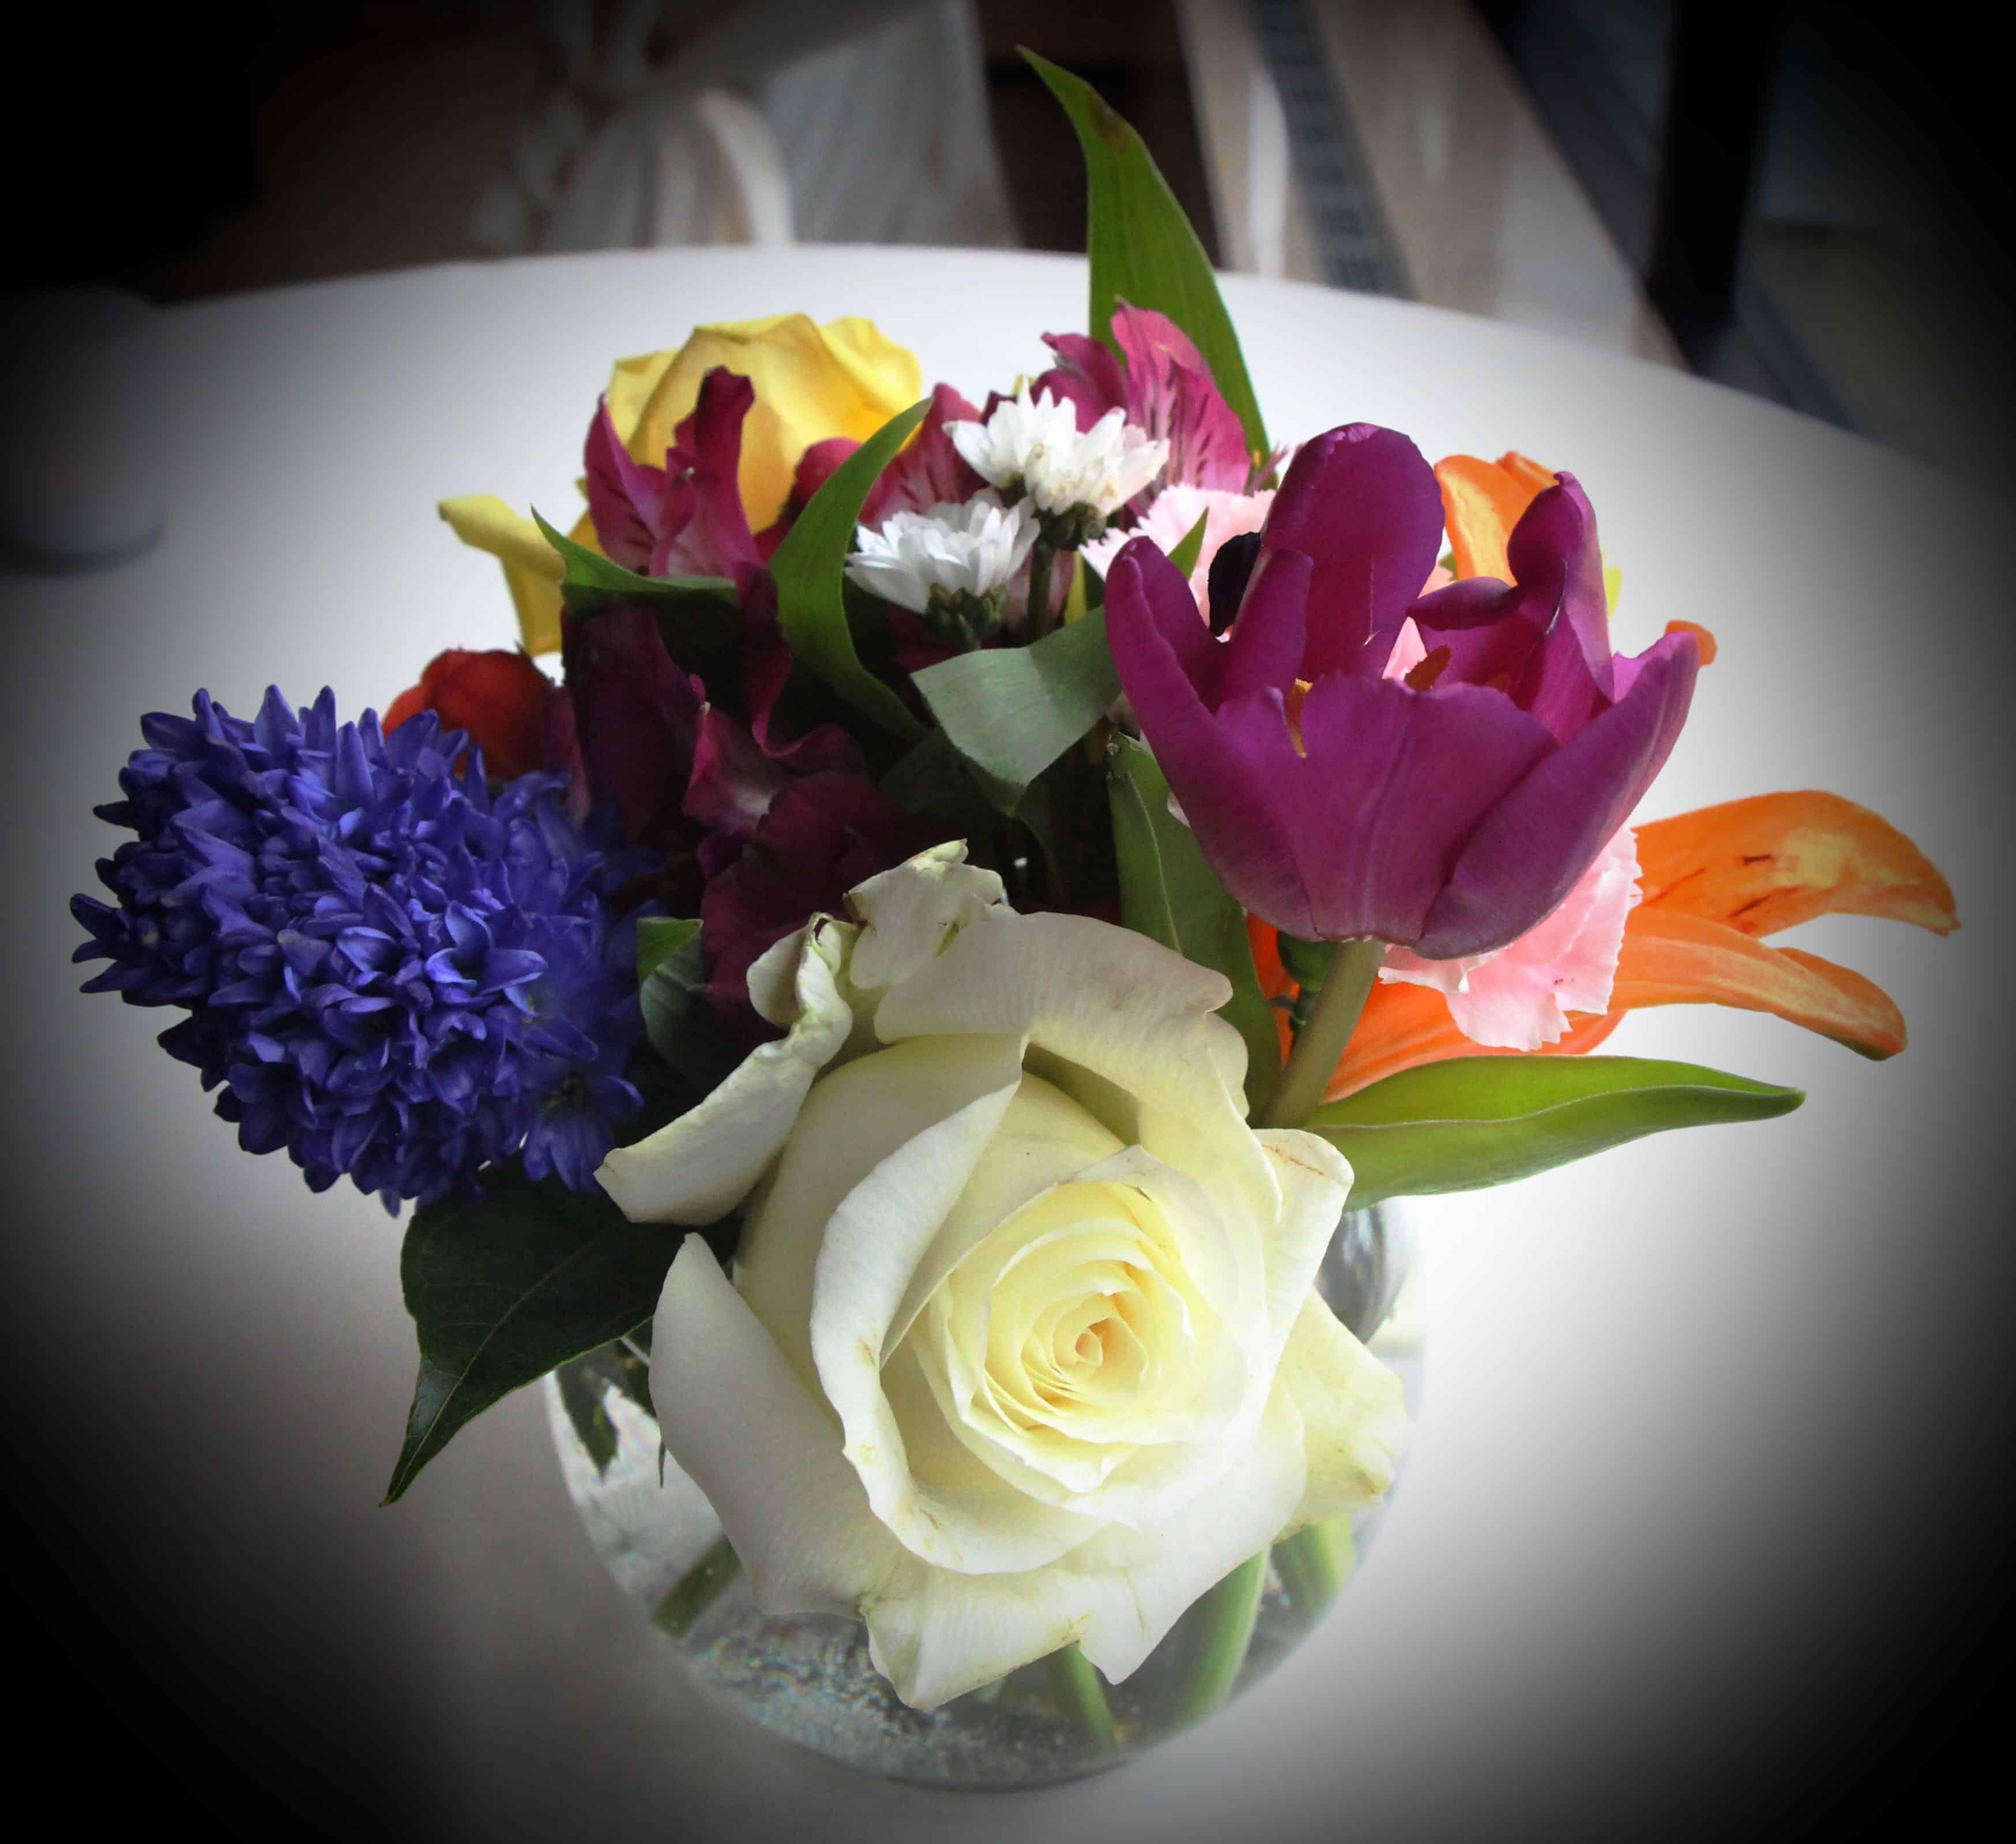 Gorgeous floral arrangements graced the room